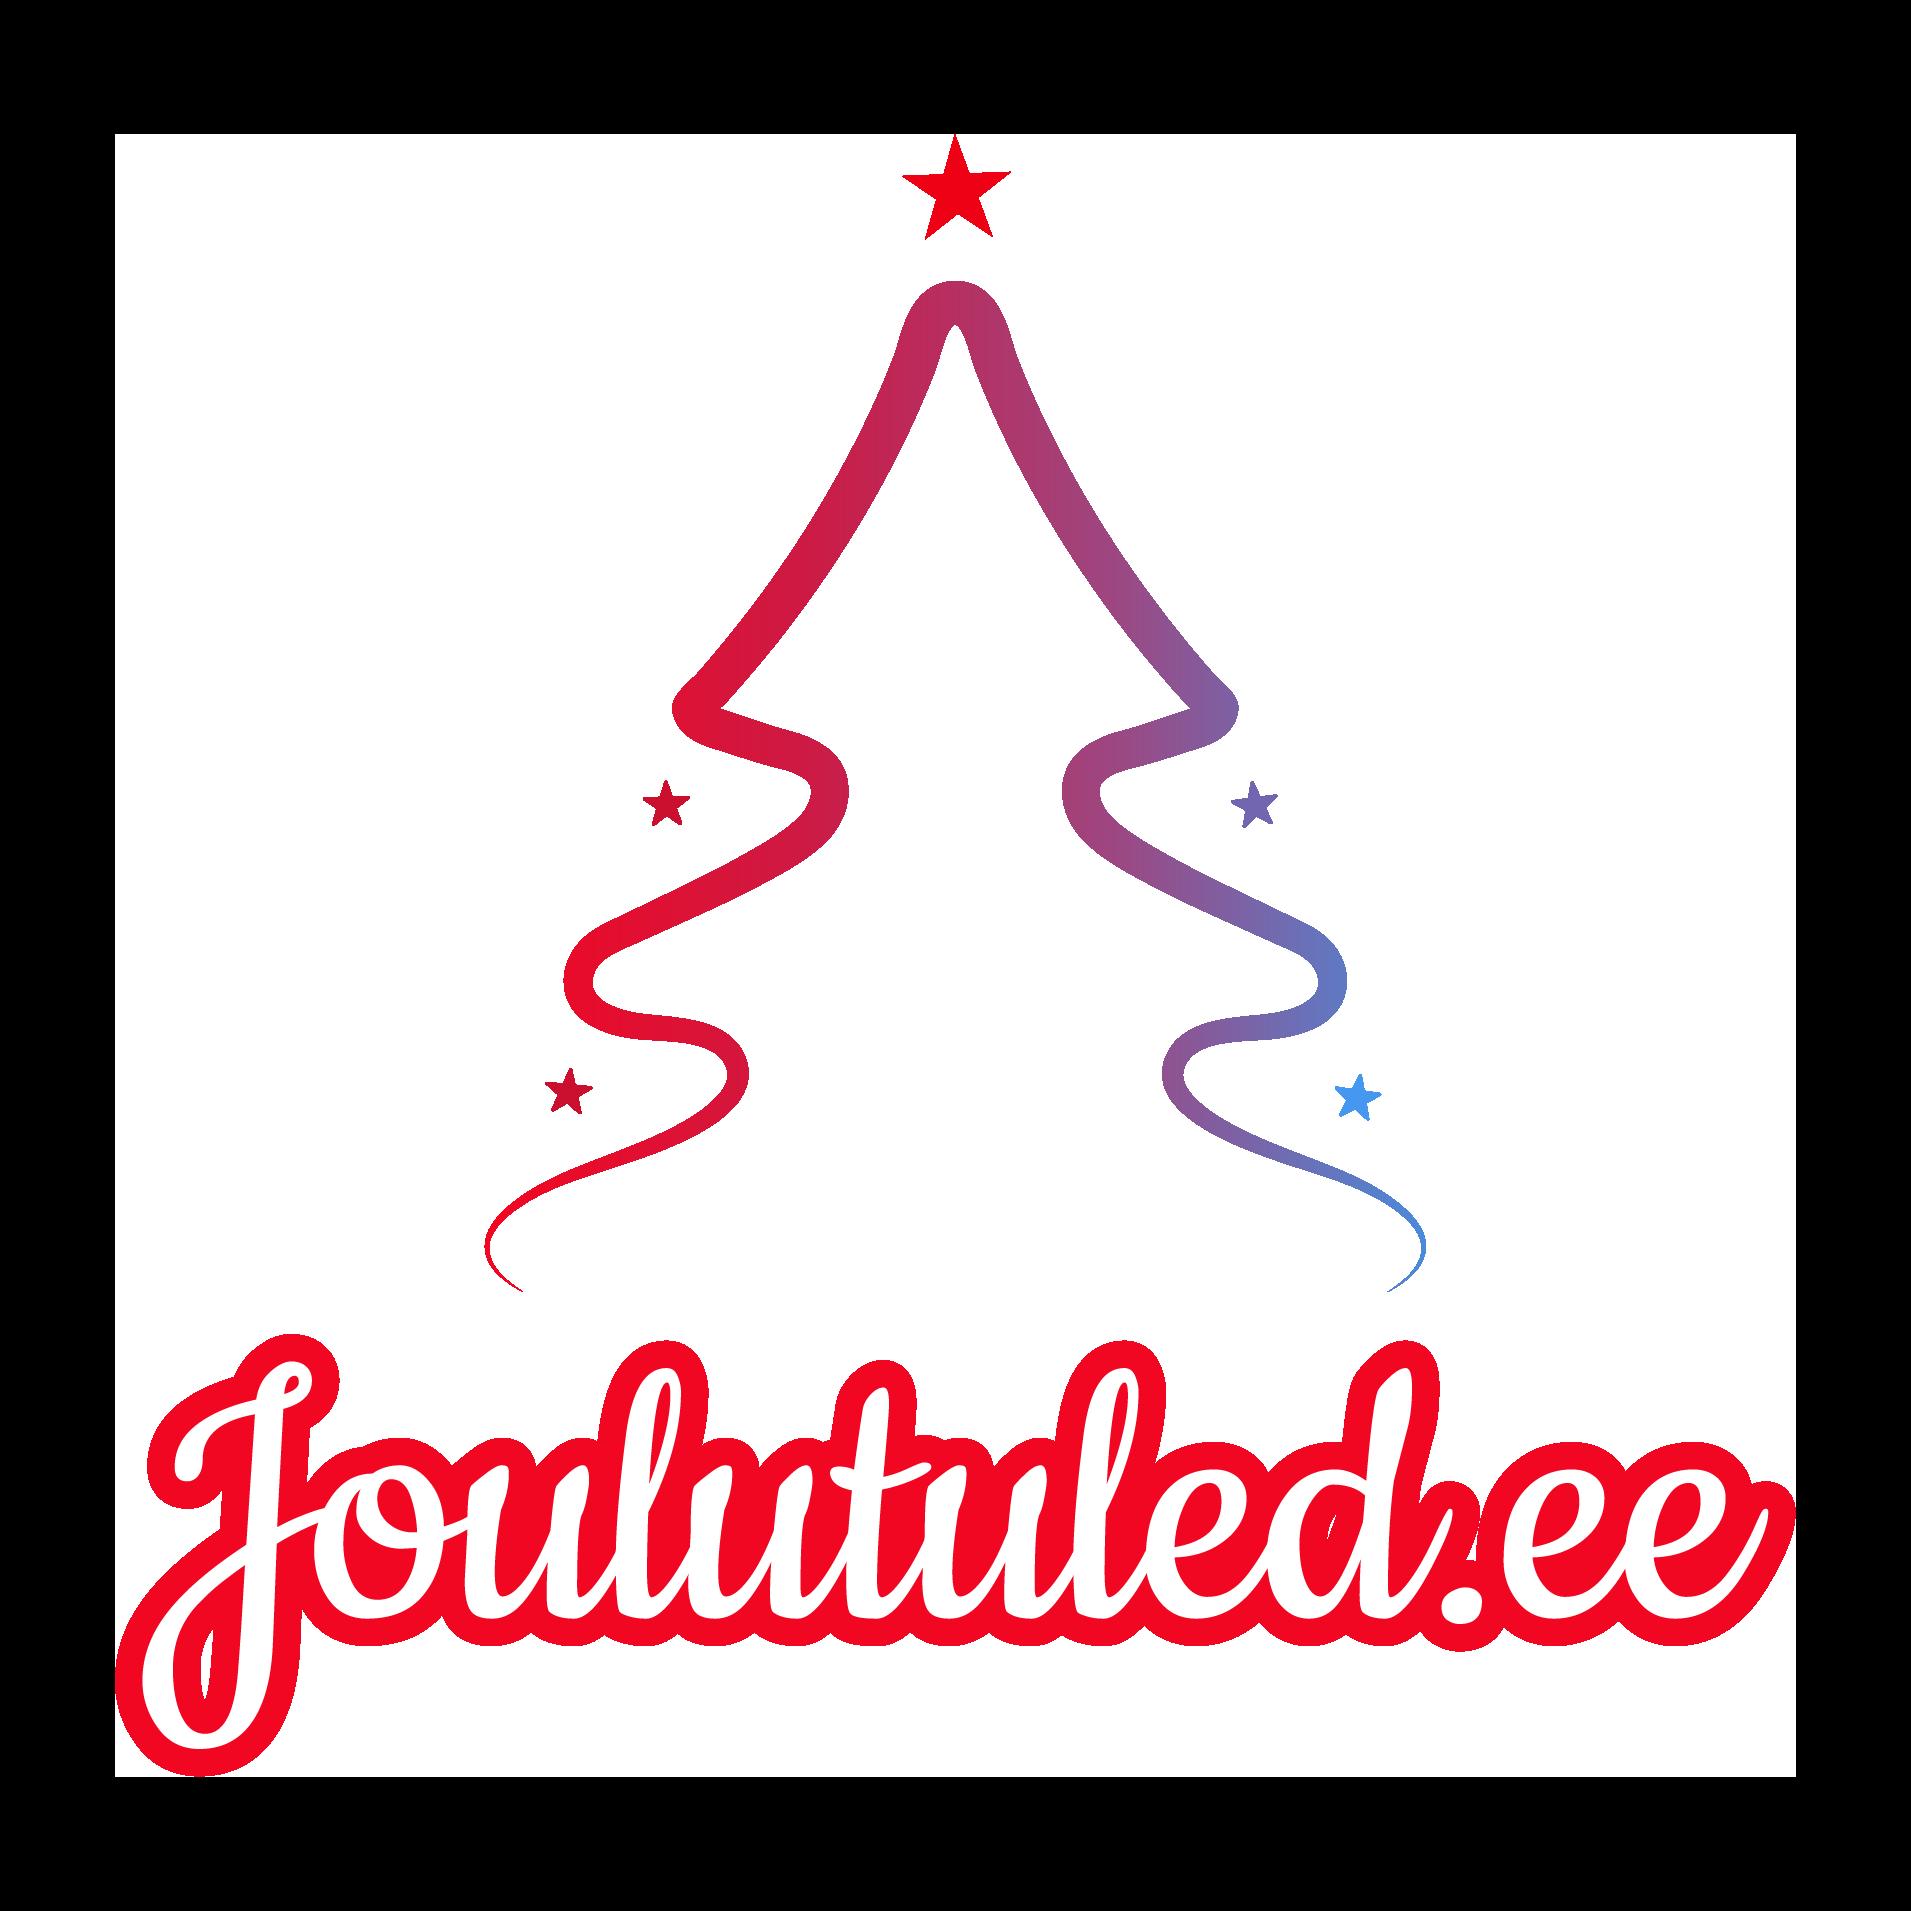 Joulutuled